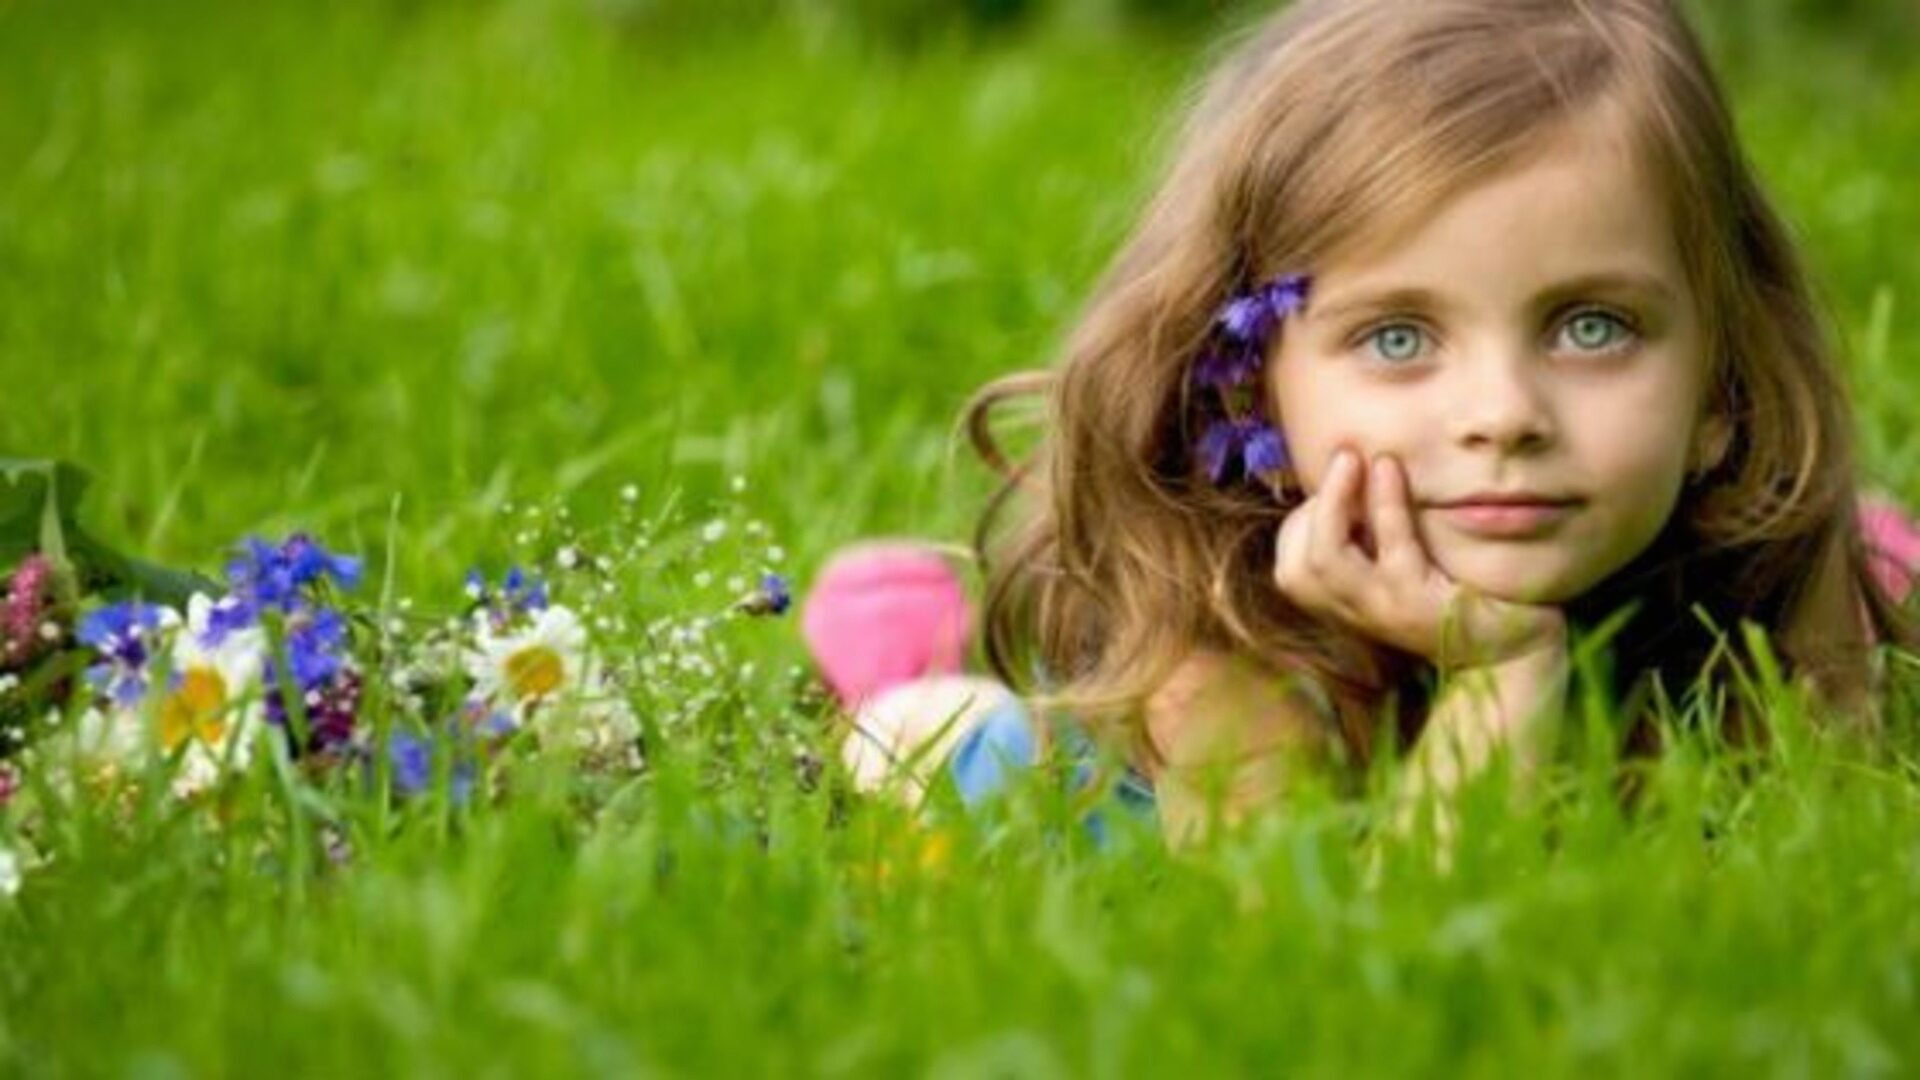 Не разрешайте ребенку бегать по высокой траве